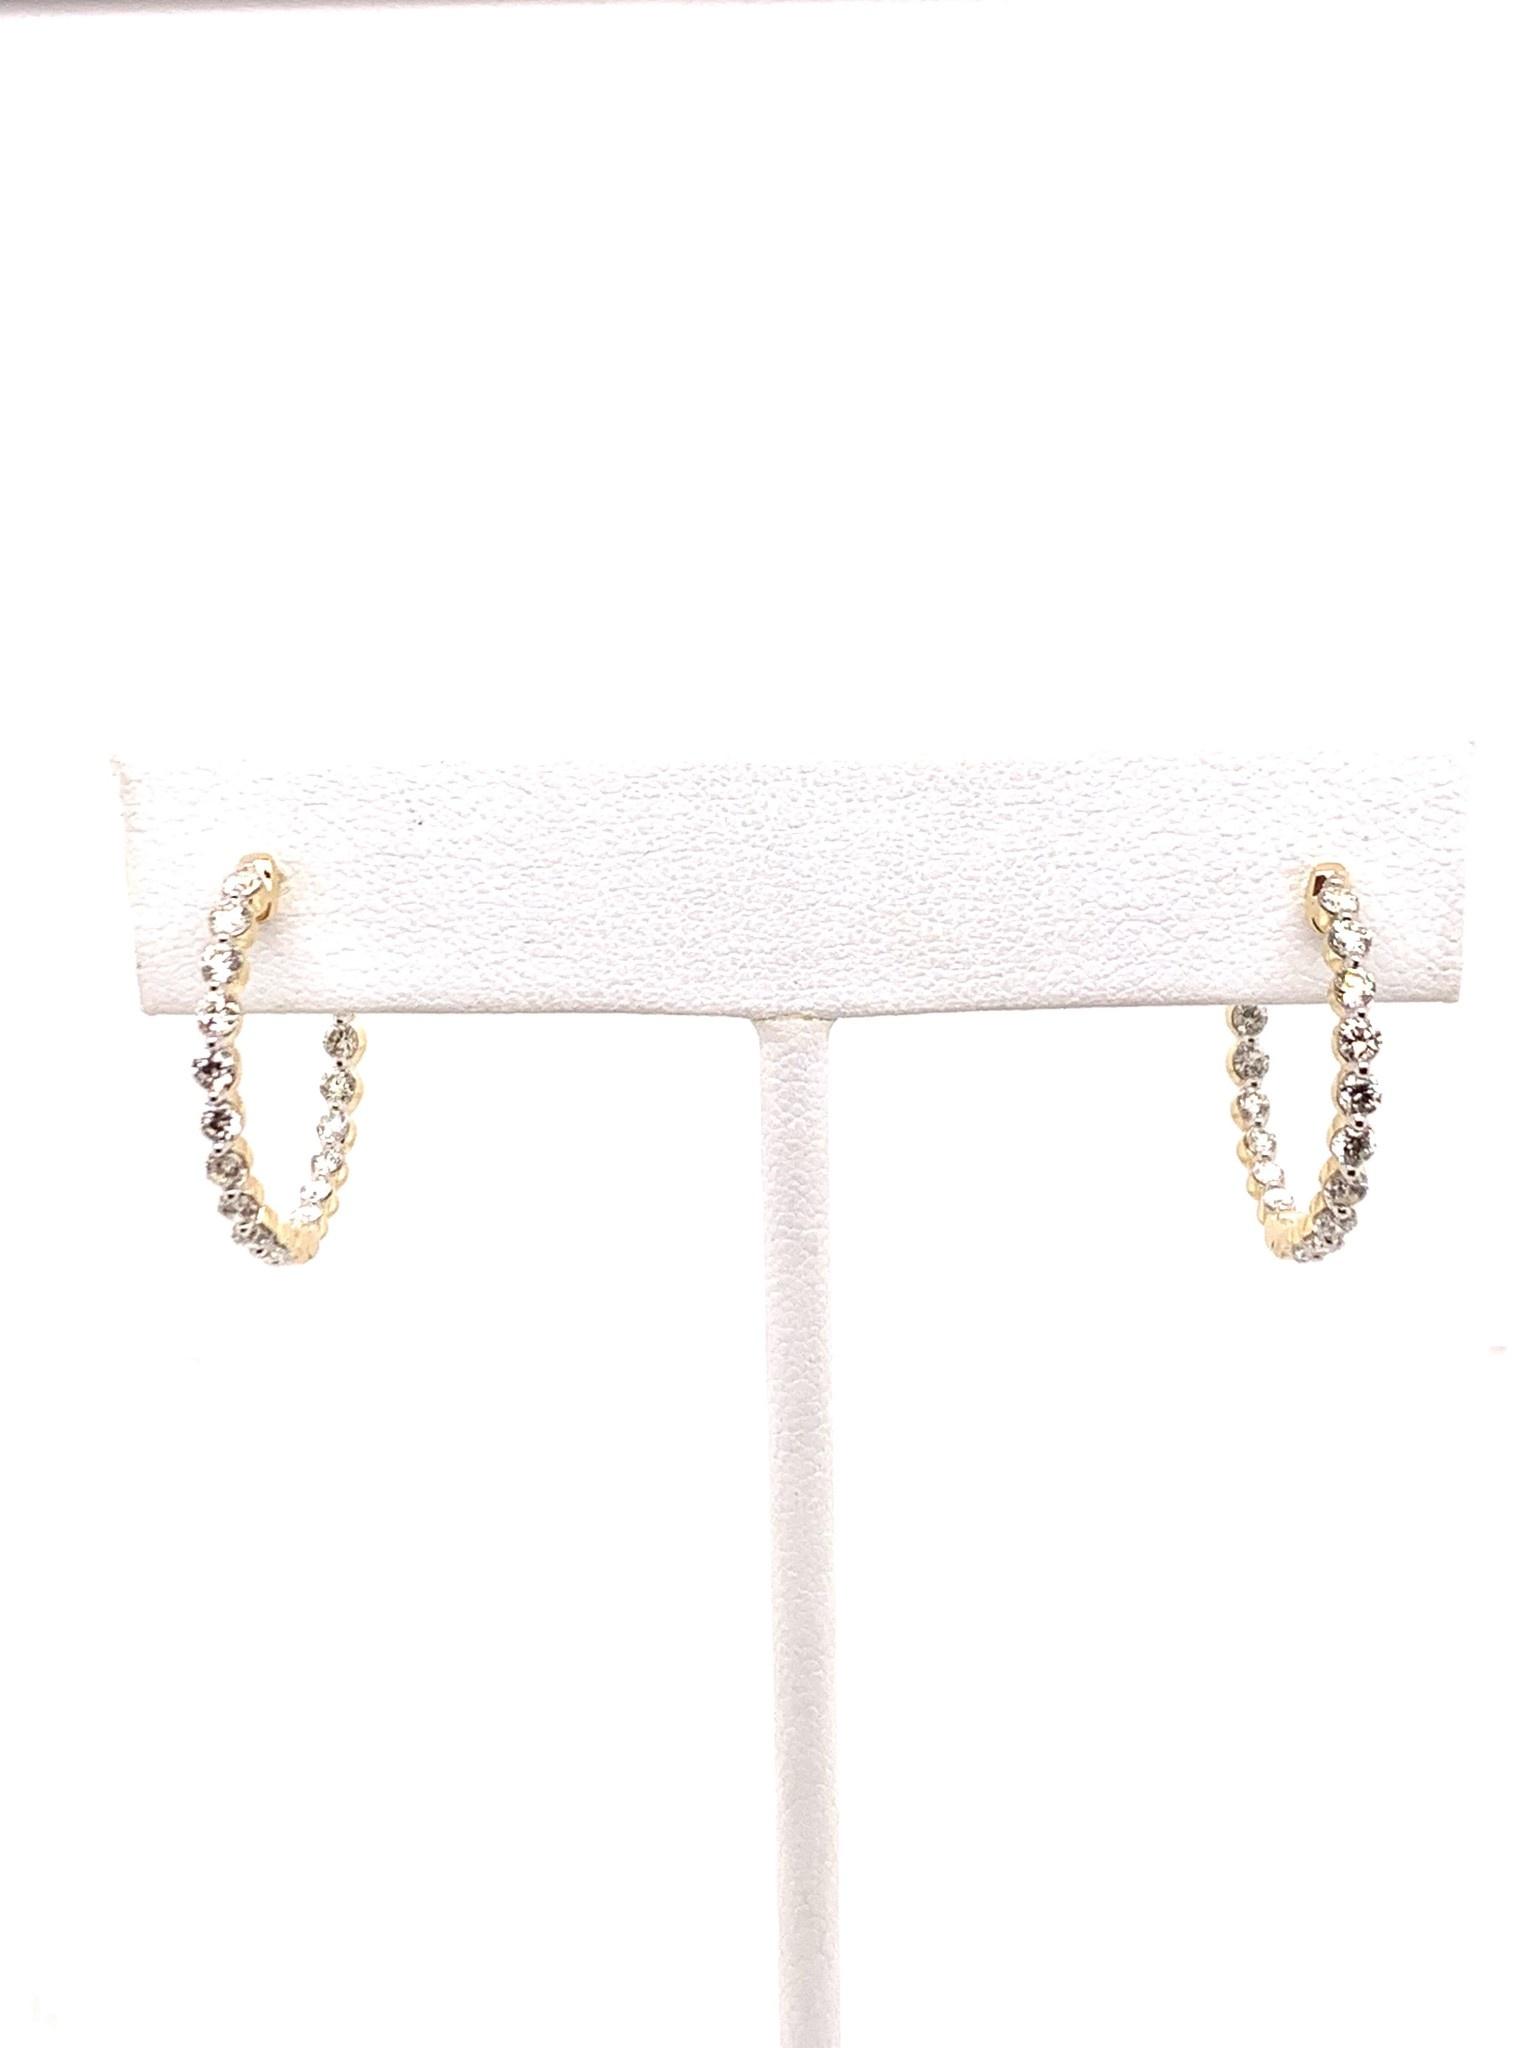 14K yellow gold diamond inside out hoop earrings 1.0ctw